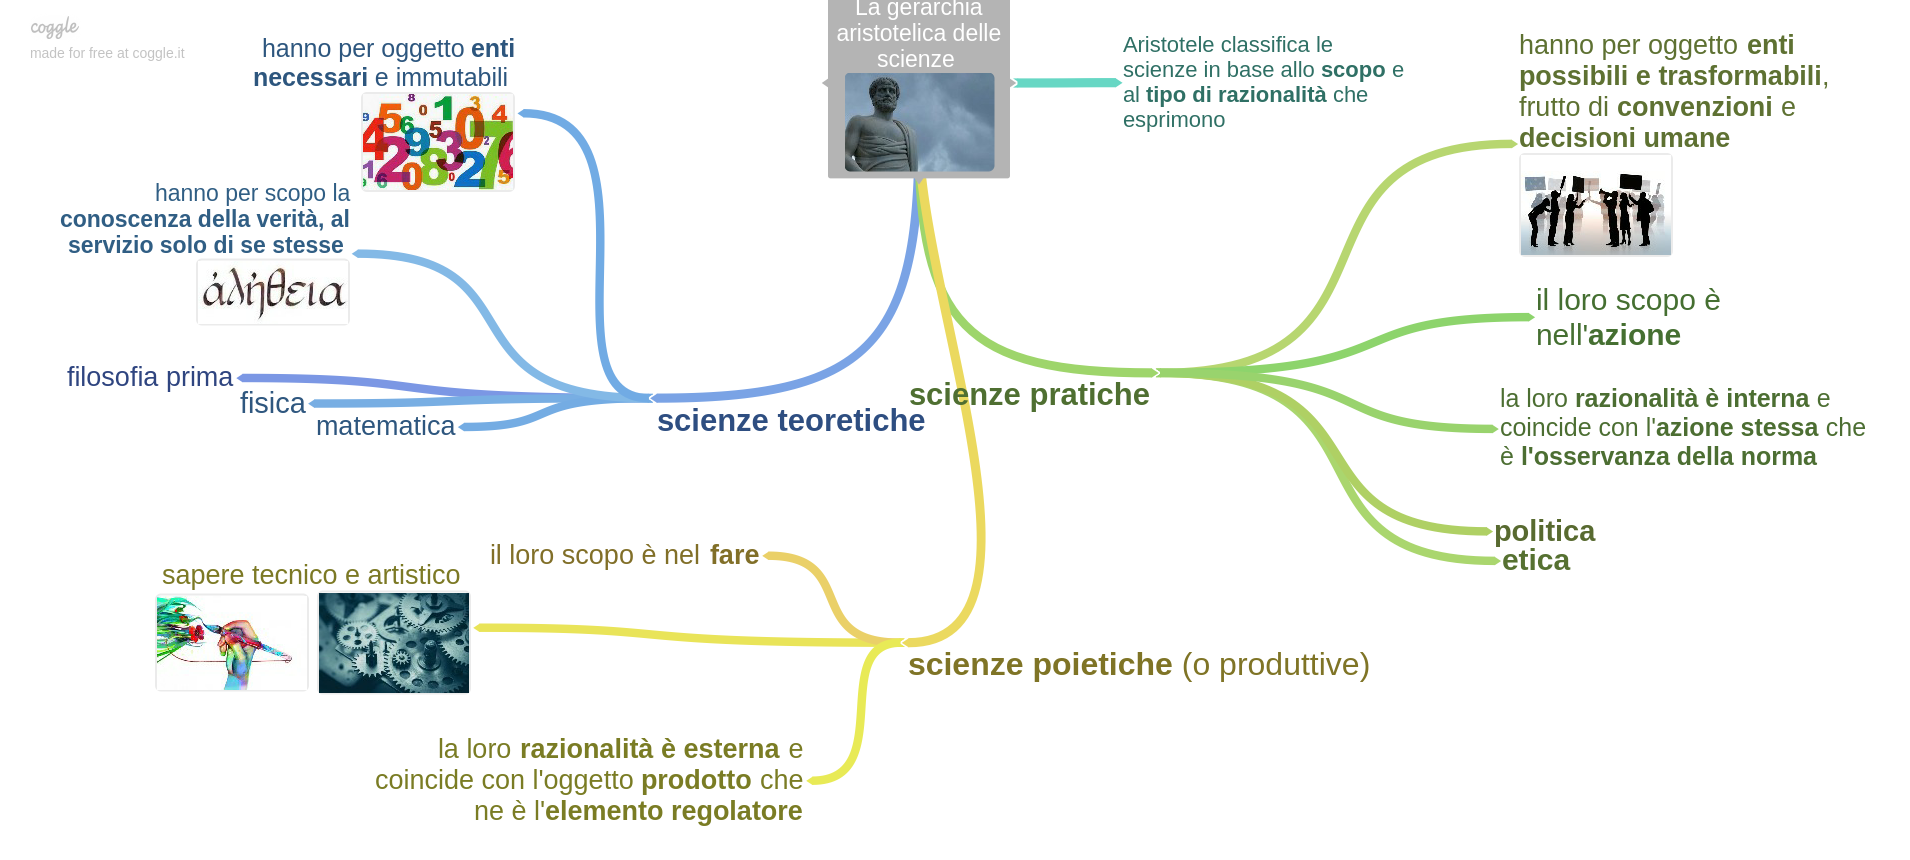 la_gerarchia_aristotelica_delle_scienze